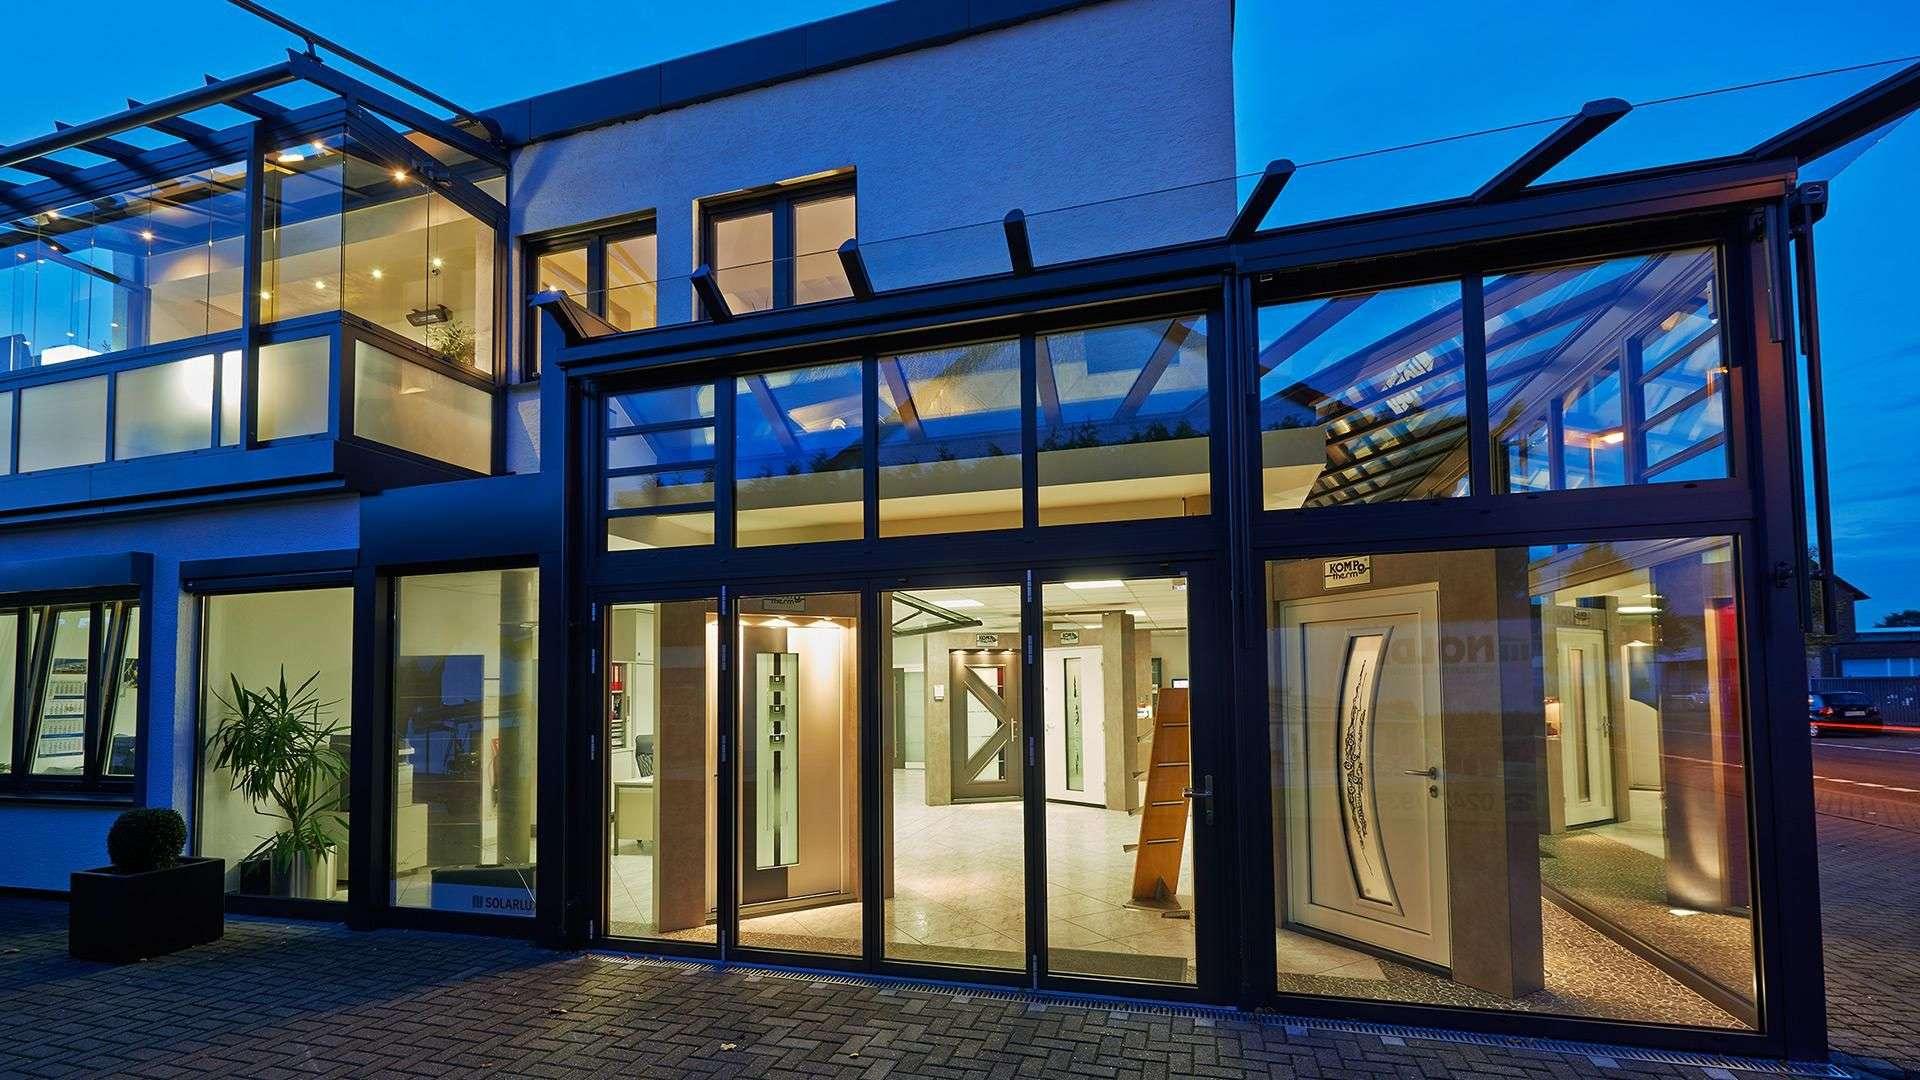 Blick von außen in die Nolden Ausstellung bei Nacht. Drinnen ist die Türenausstellung hell erleuchtet.